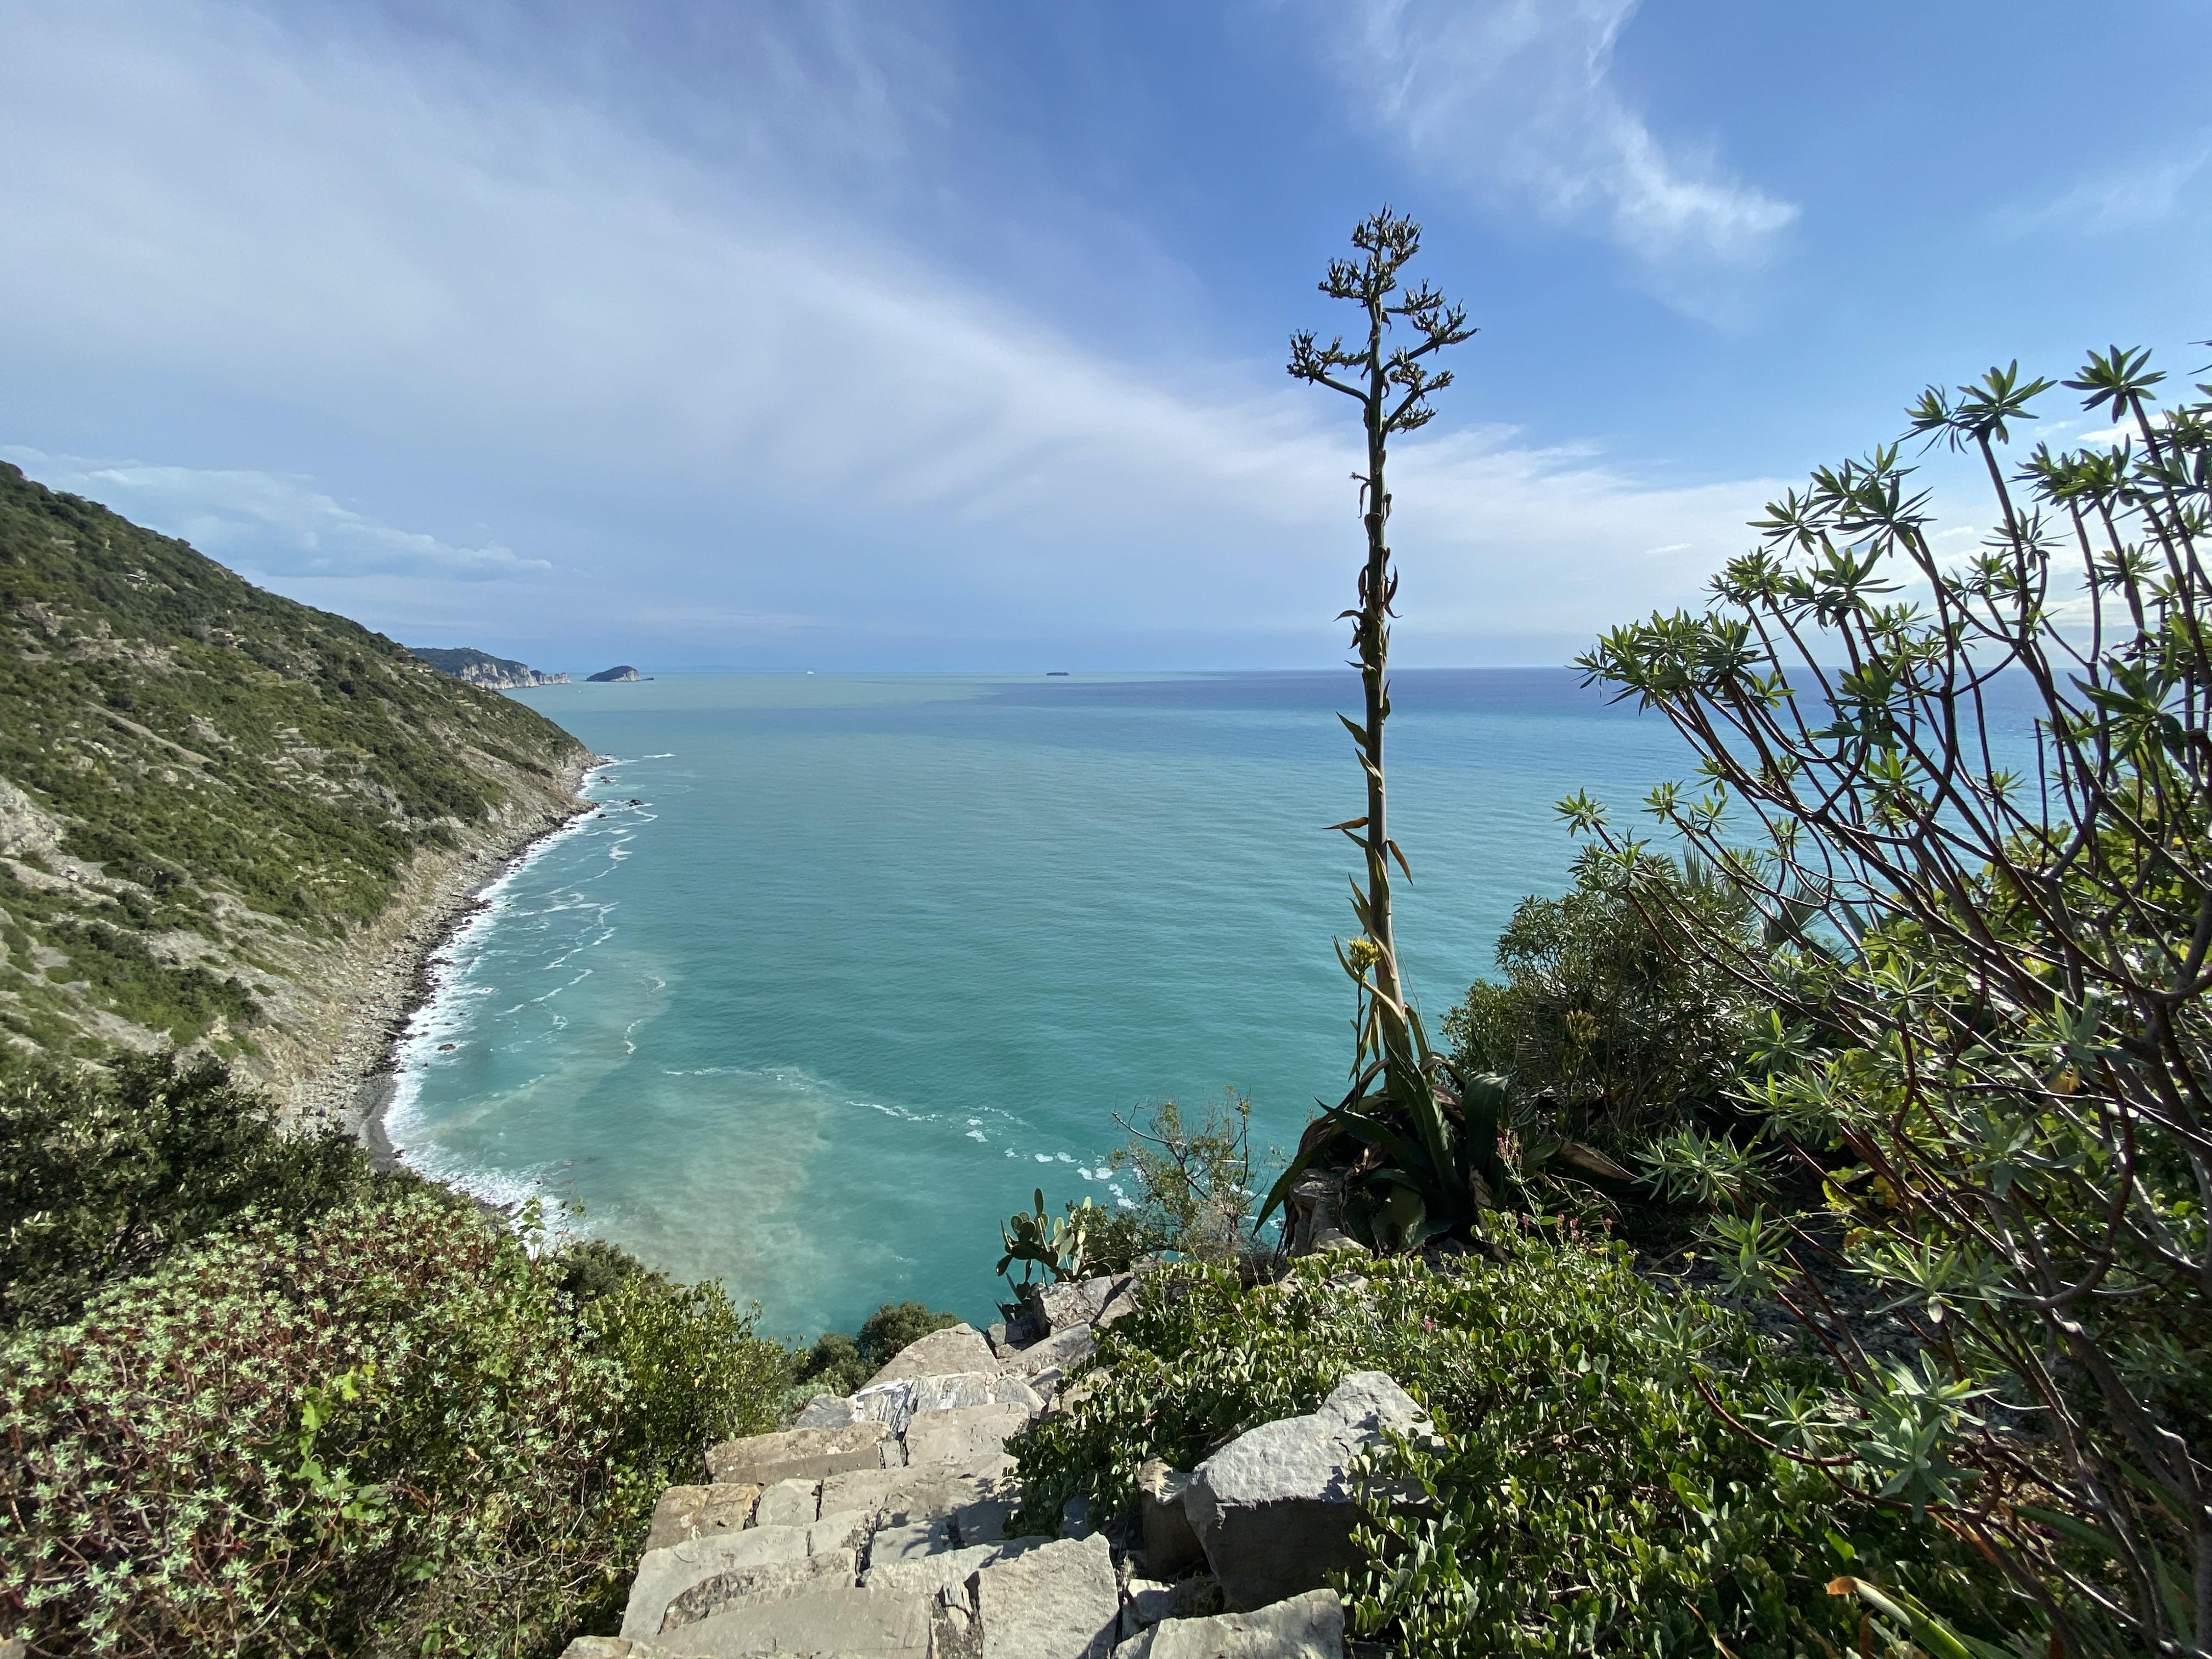 Schiara, la costa vicino a Portovenere